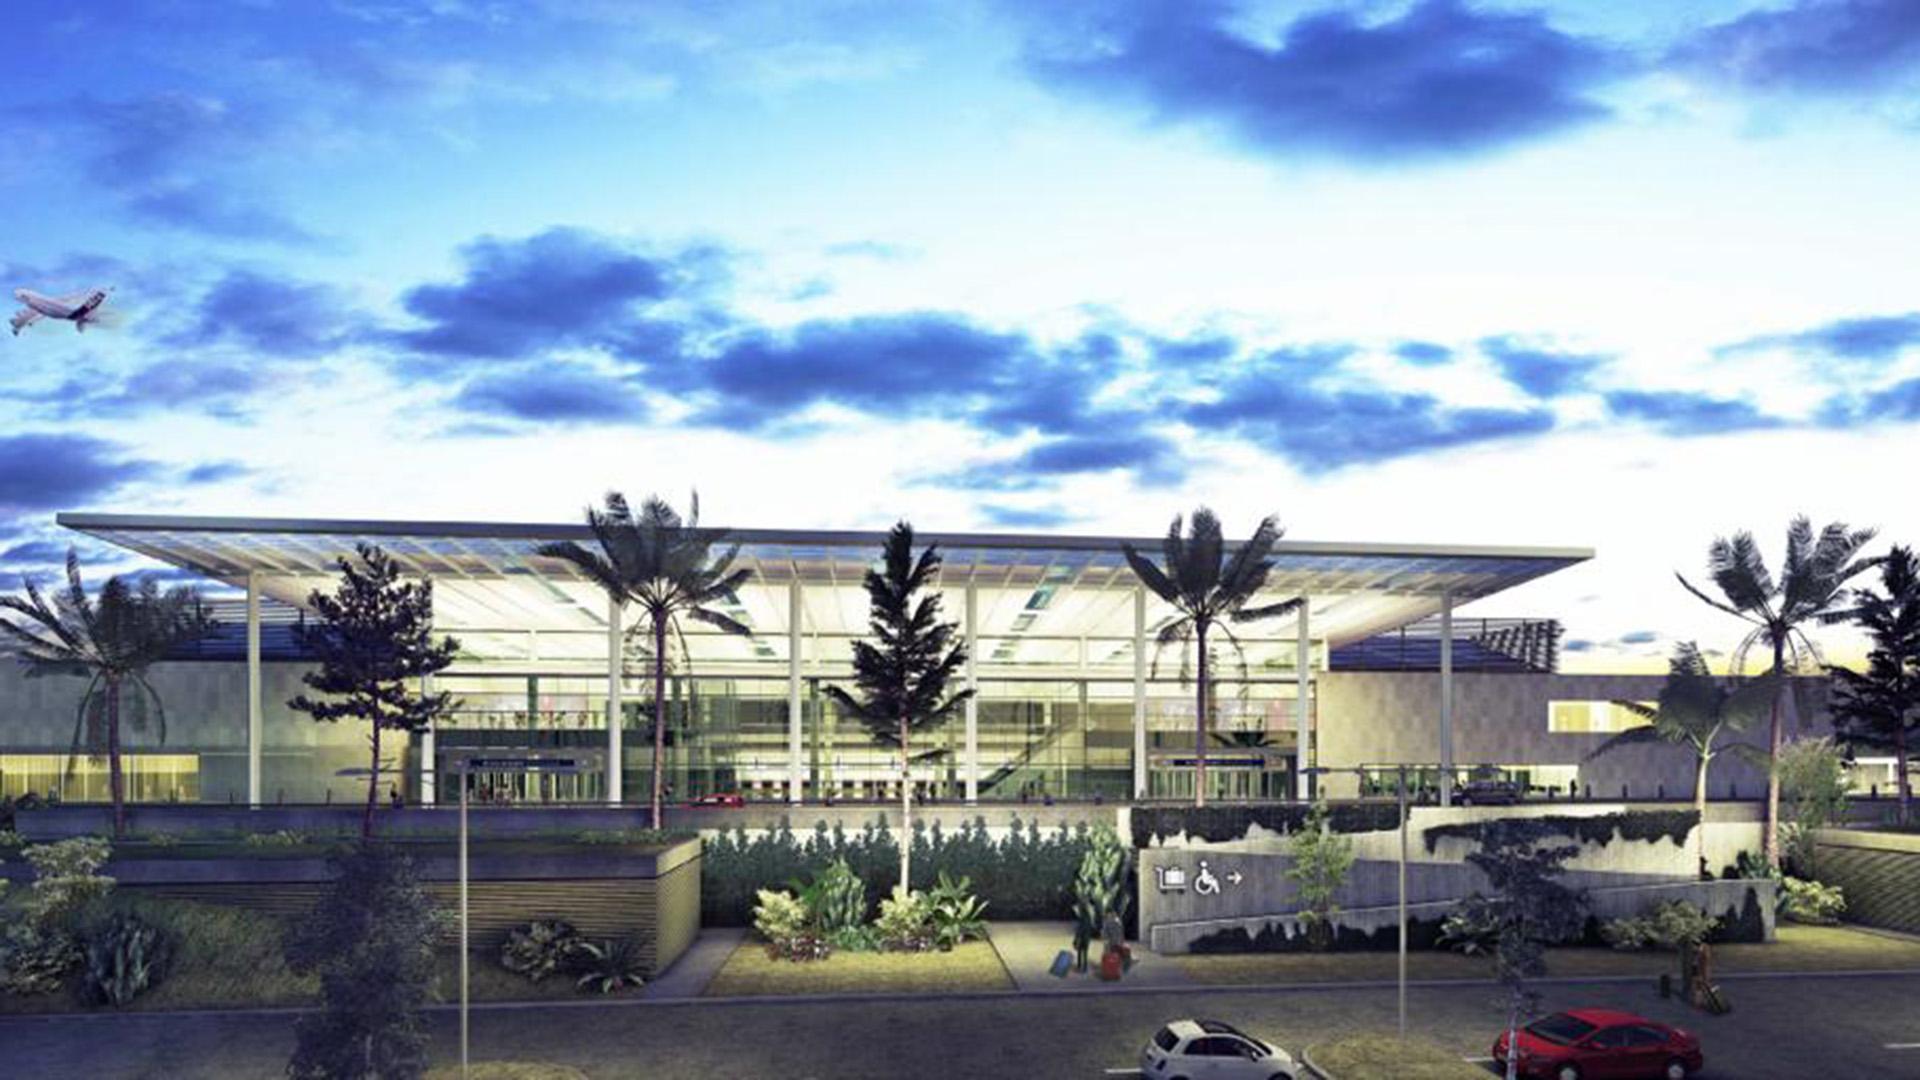 El gran hall central de más de dos niveles de altura estará cubierto por un gran techo metálico, como se ve en este render de la obra